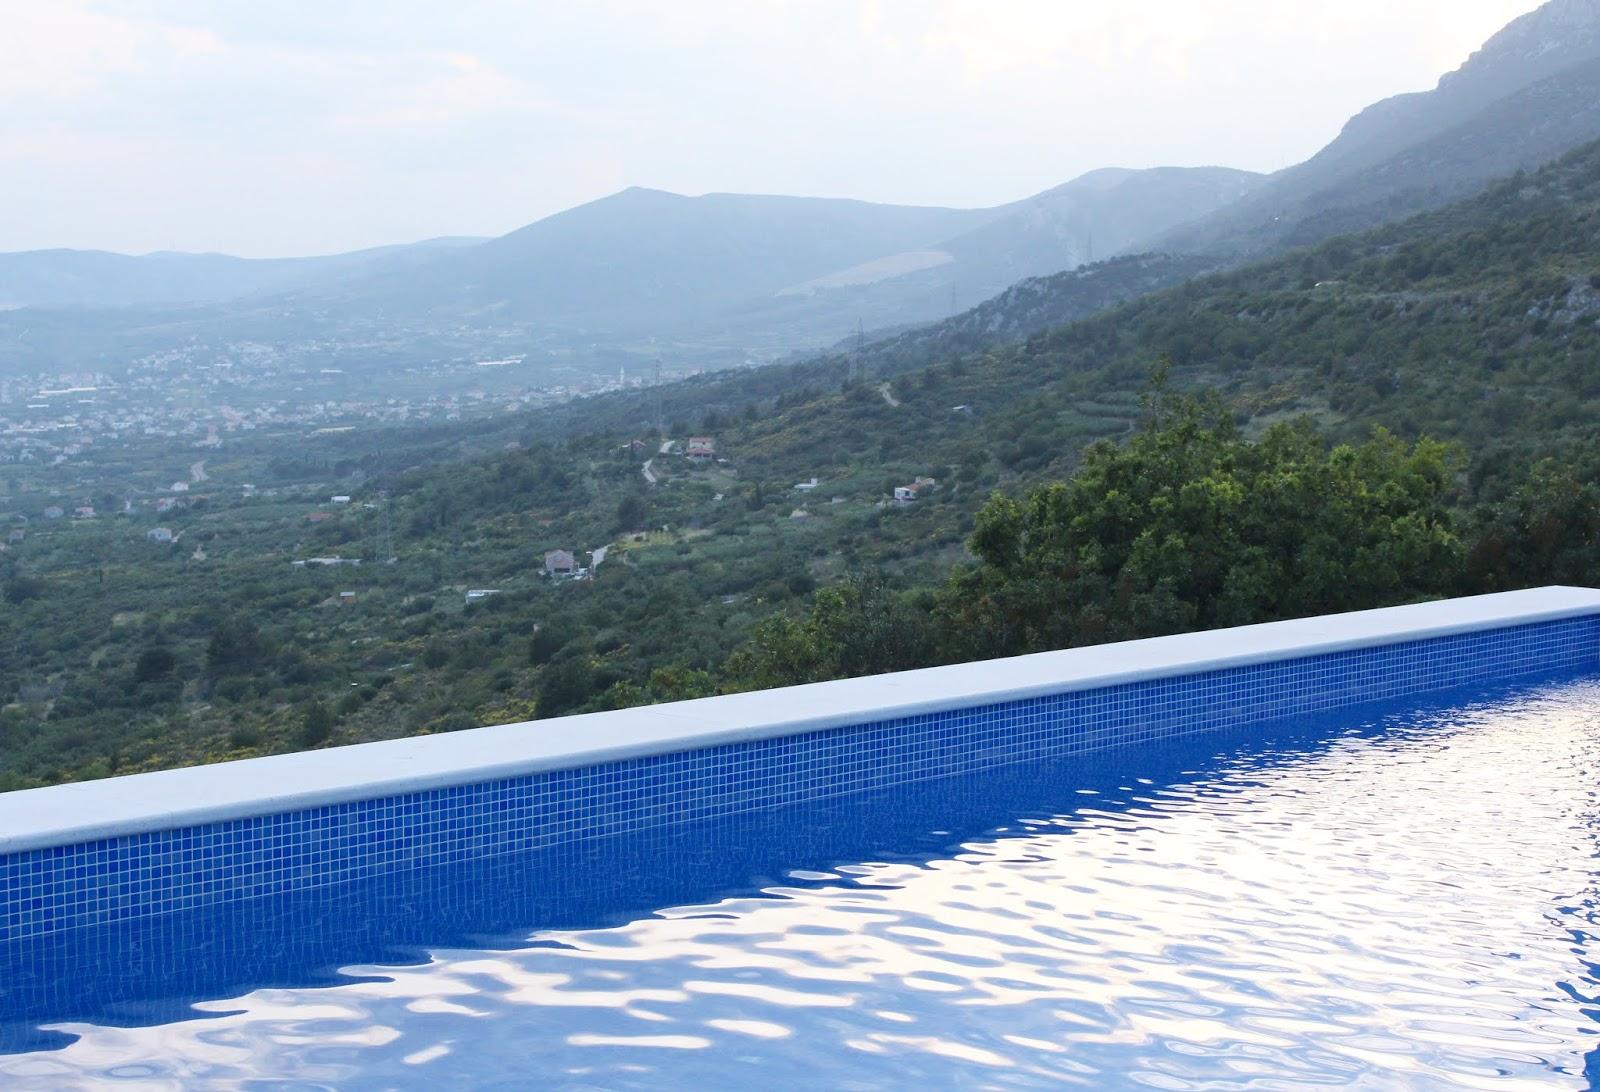 Unser wunderschöner Pool in Kroatien und die mitteldalmatinische Landschaft